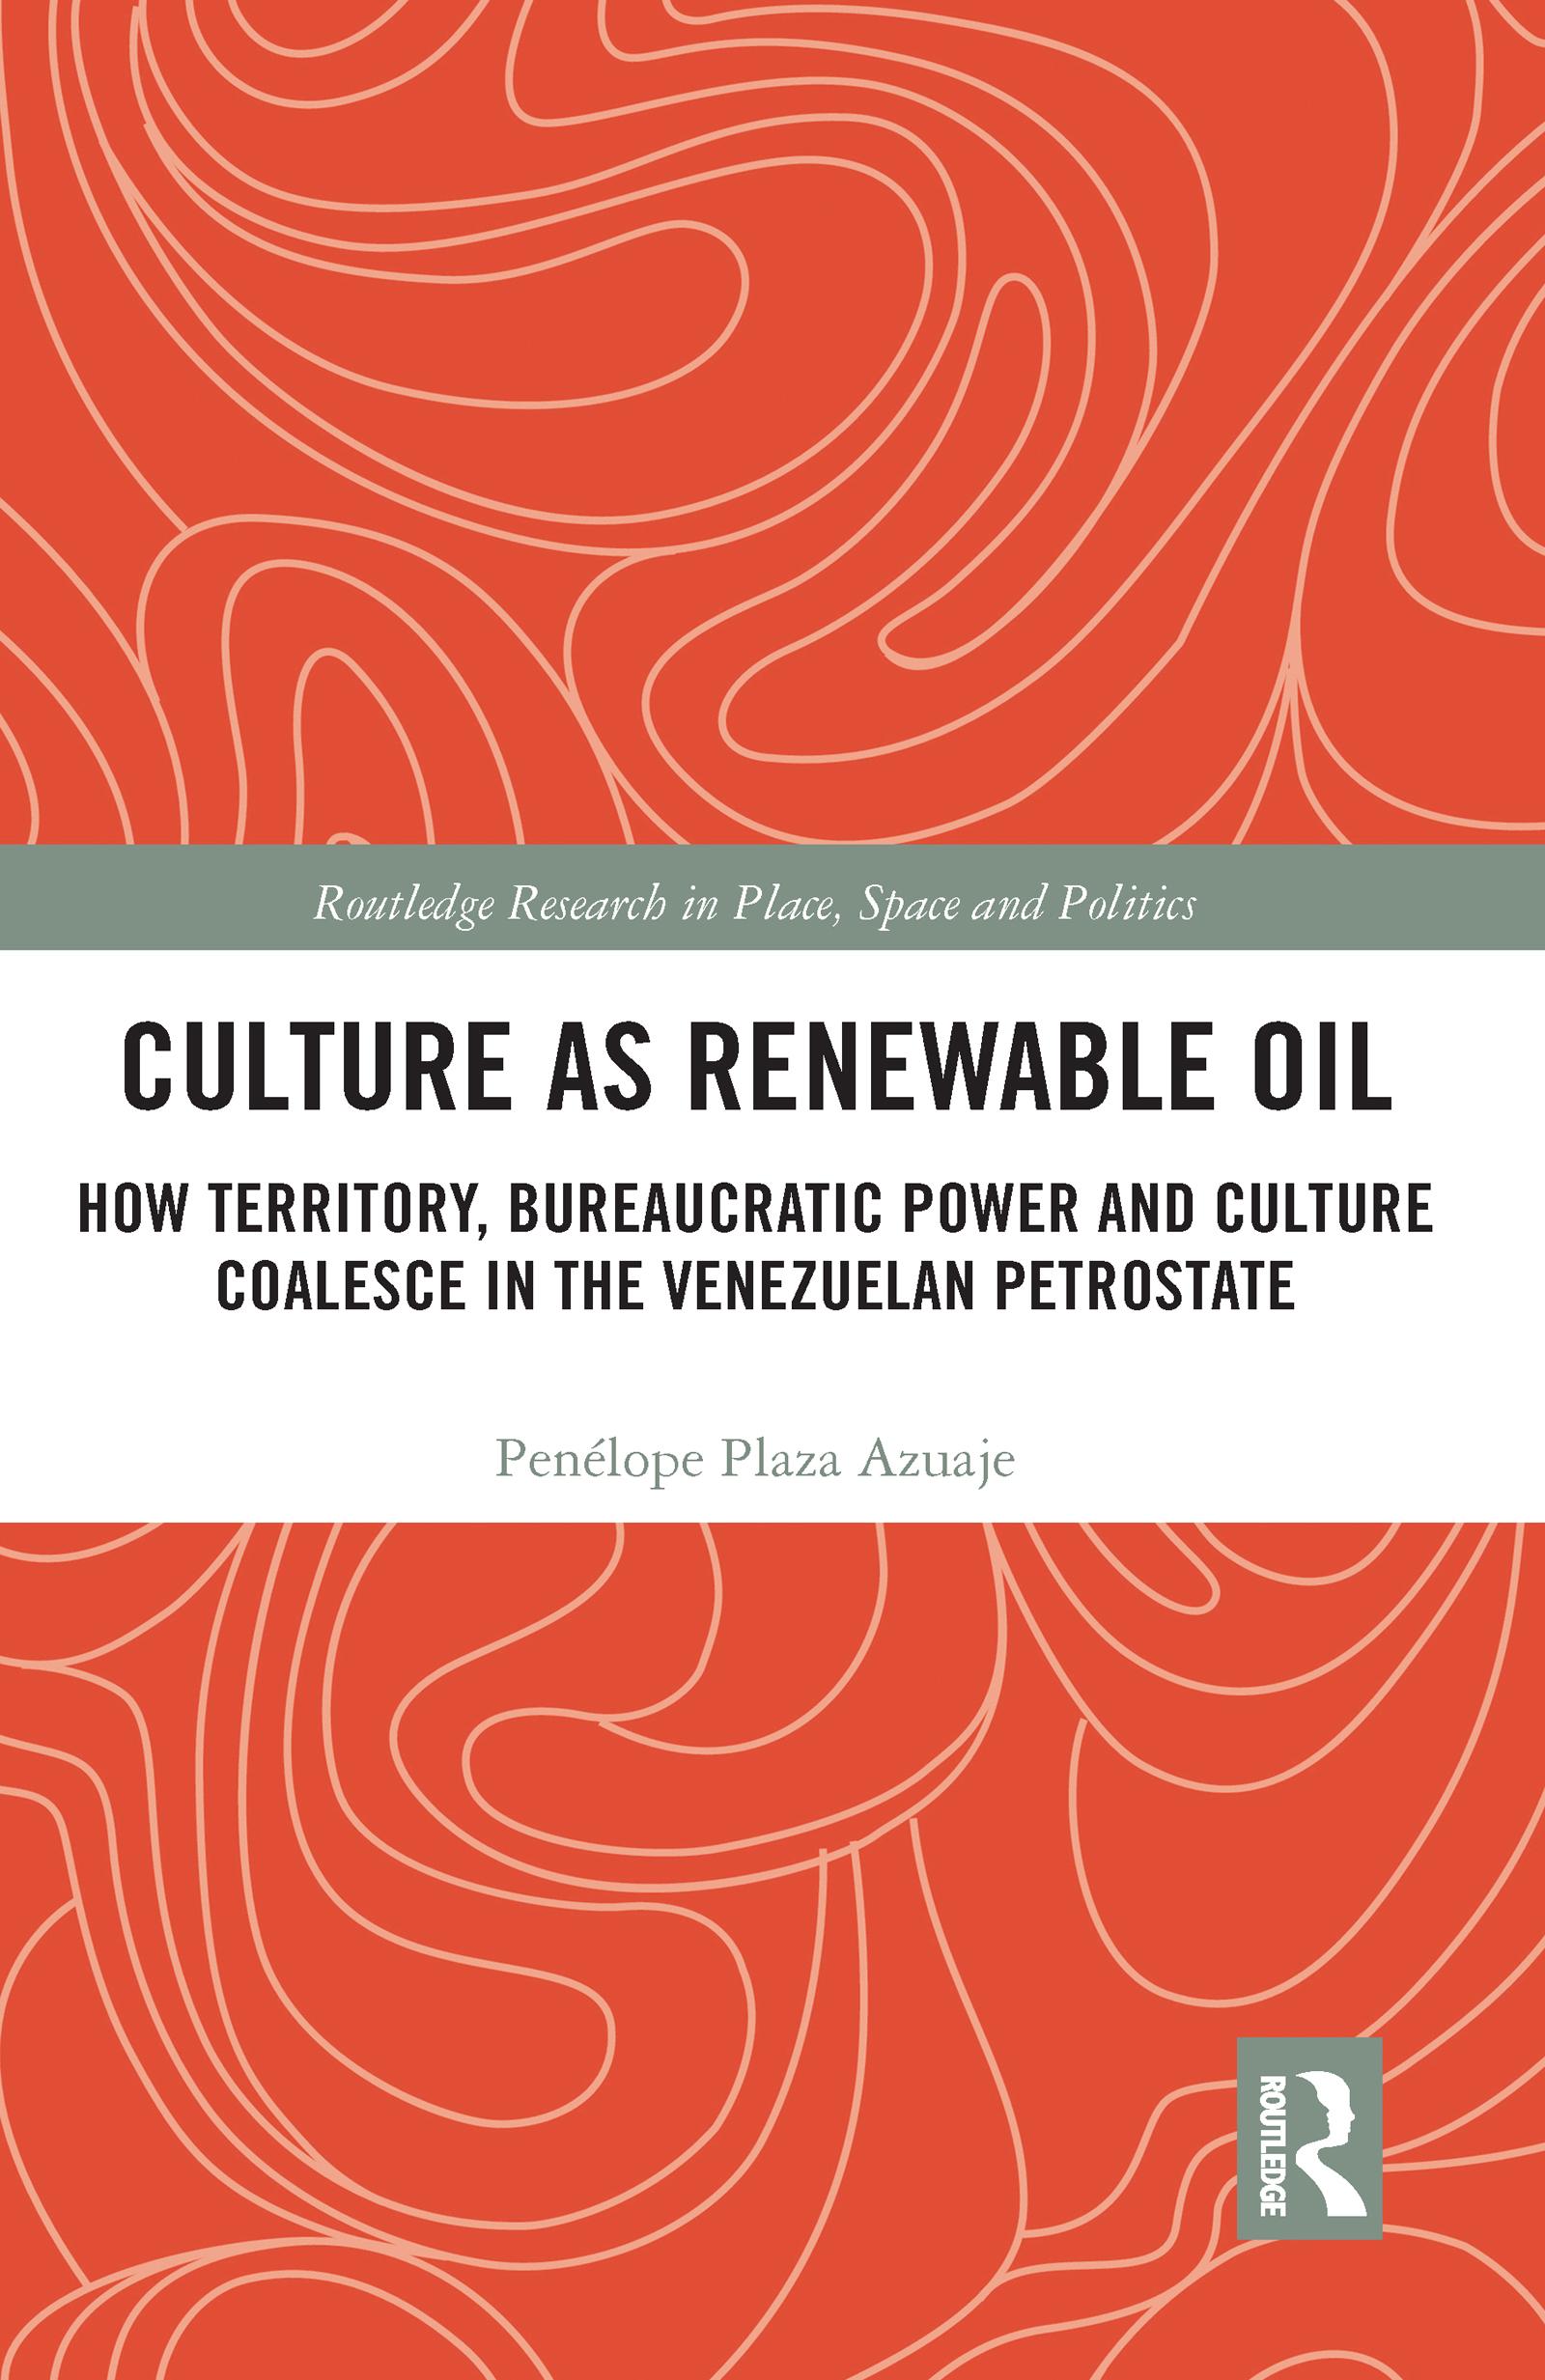 Culture as Renewable Oil